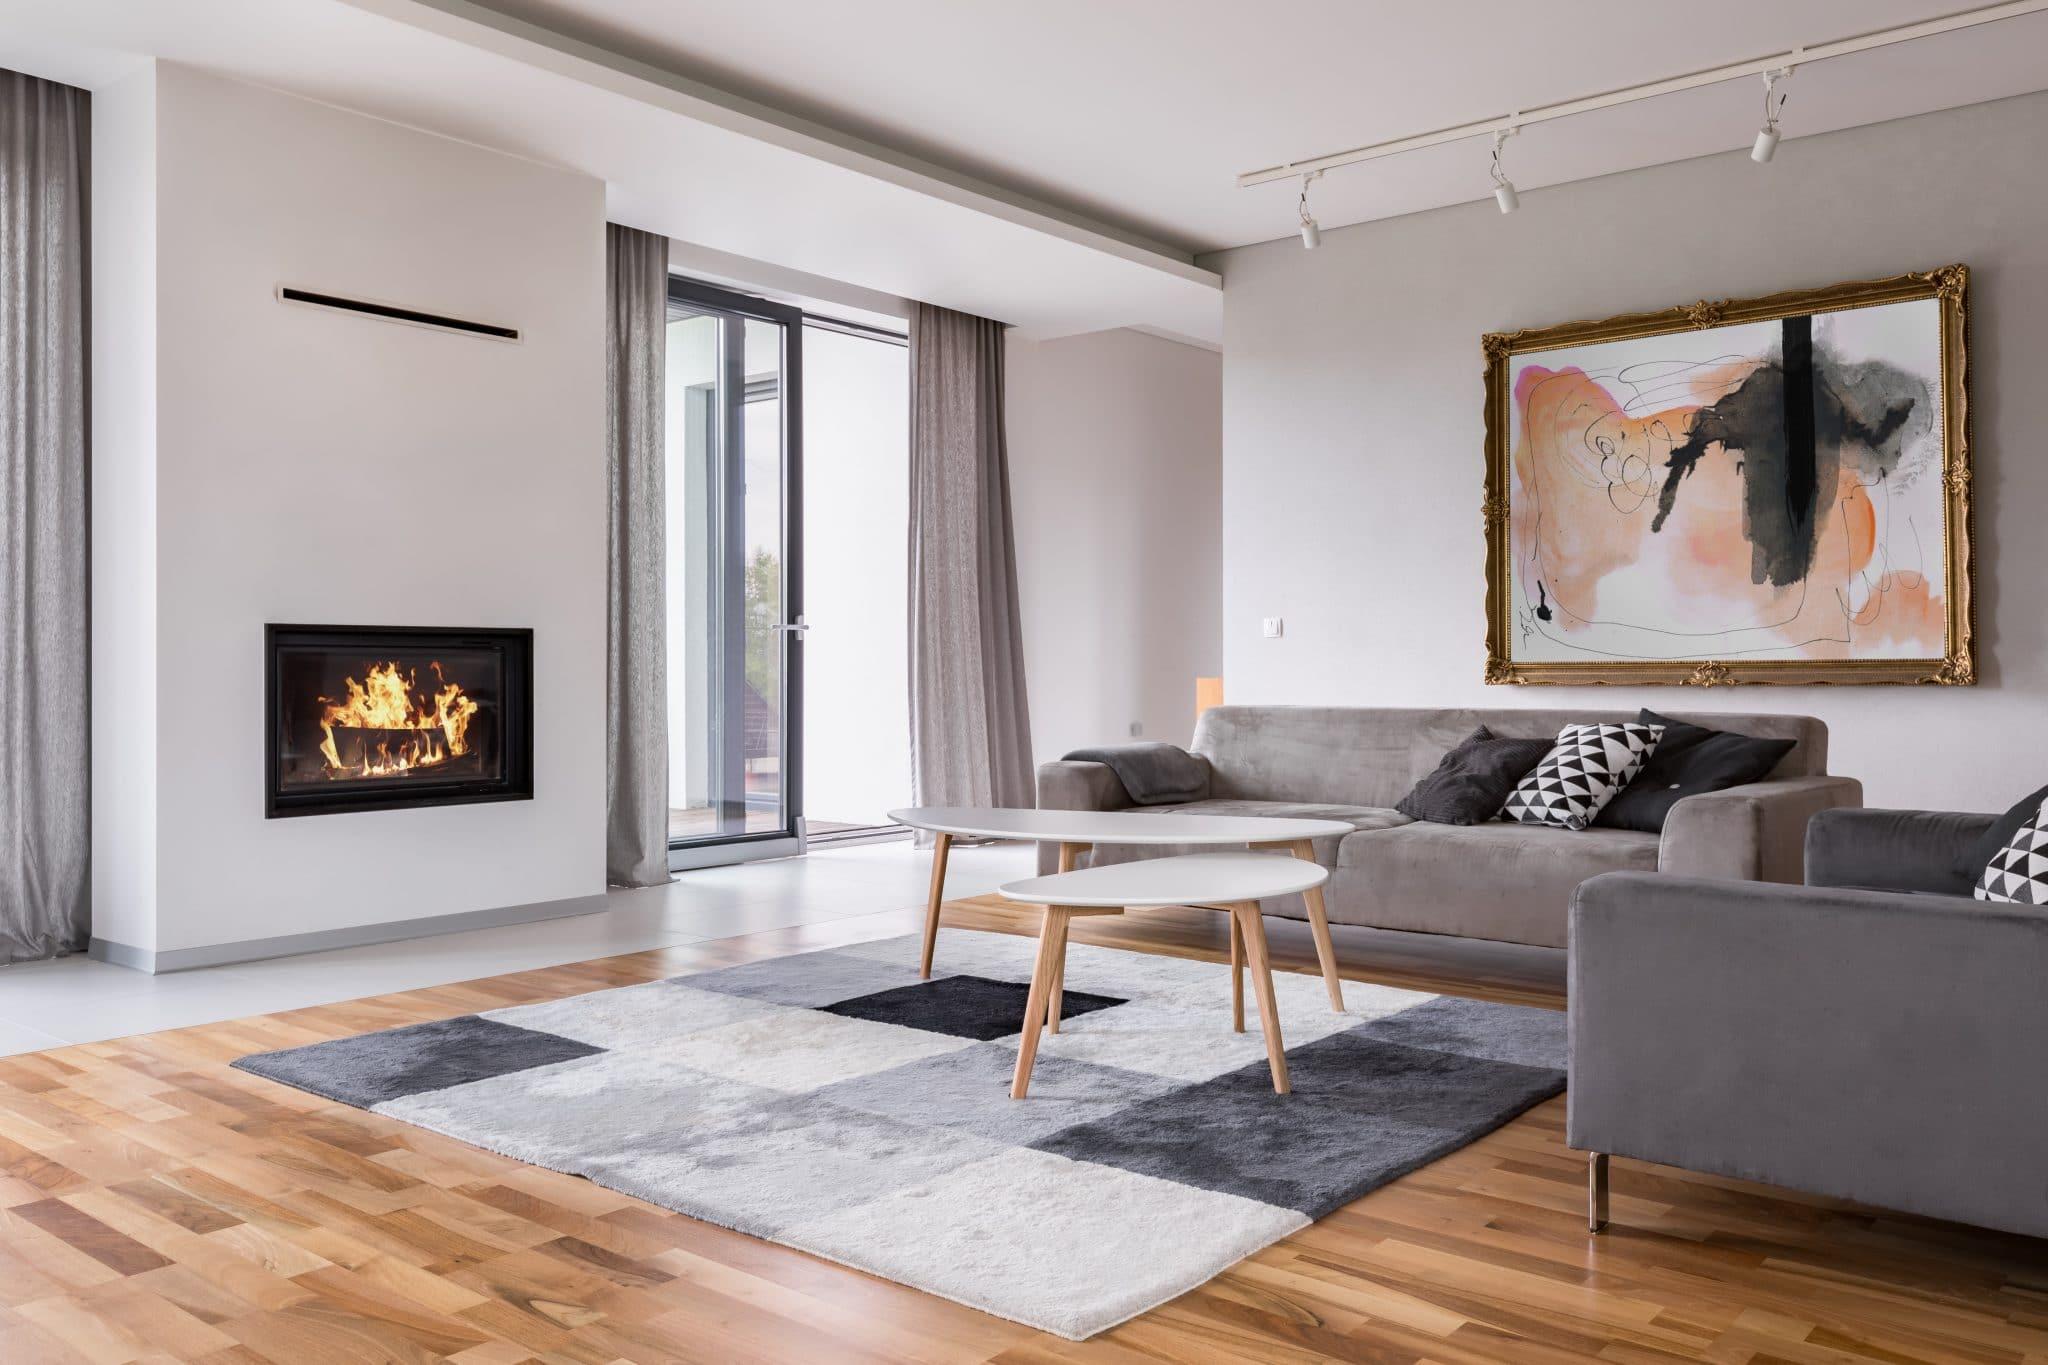 Rénovation de maison à Conflans-Sainte-Honorine (78)